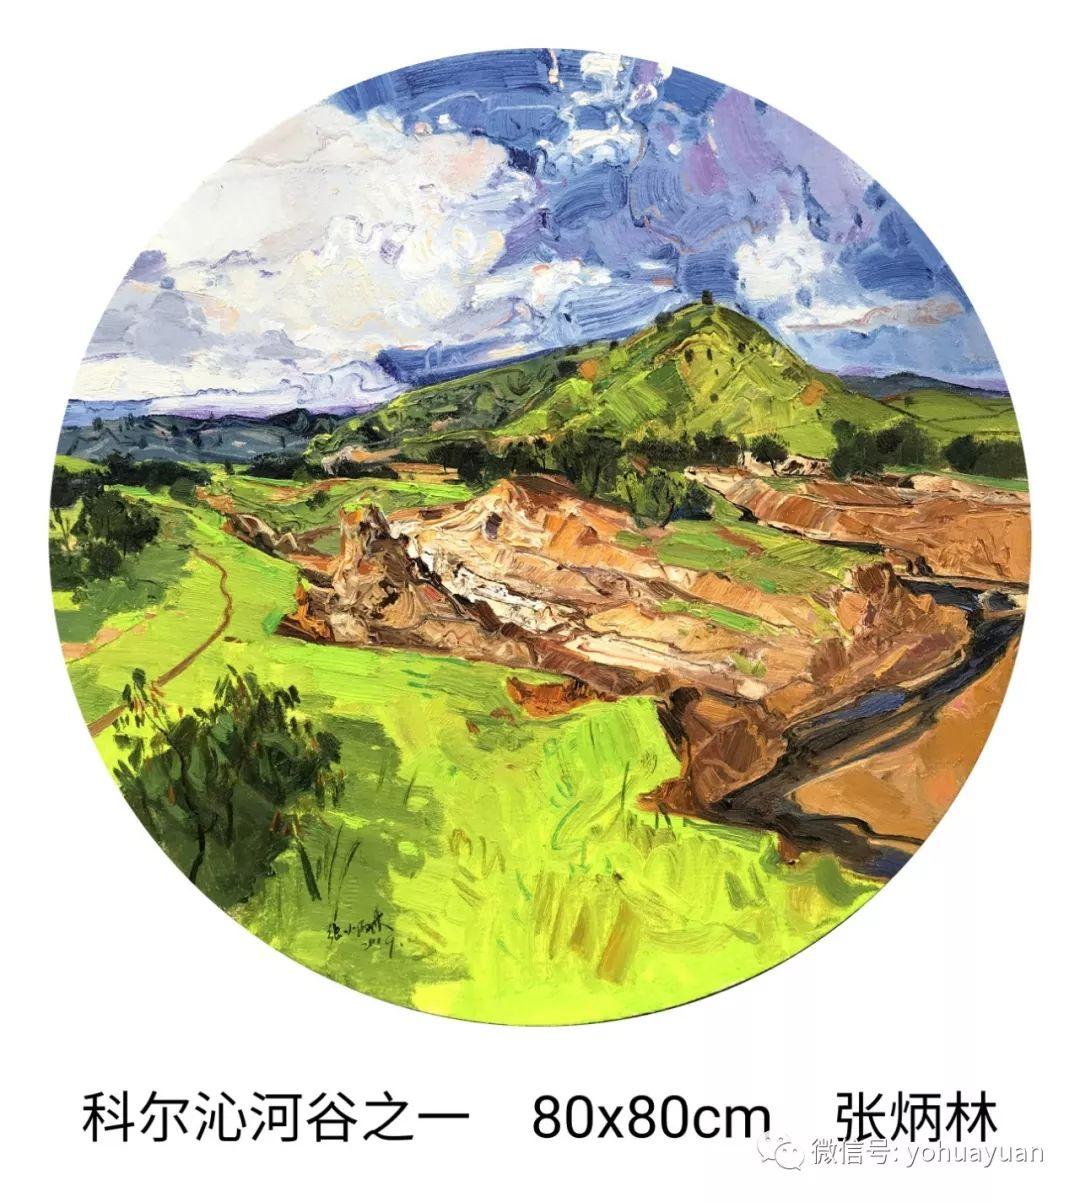 油画作品拍卖(内蒙古草原写生) 第10张 油画作品拍卖(内蒙古草原写生) 蒙古画廊